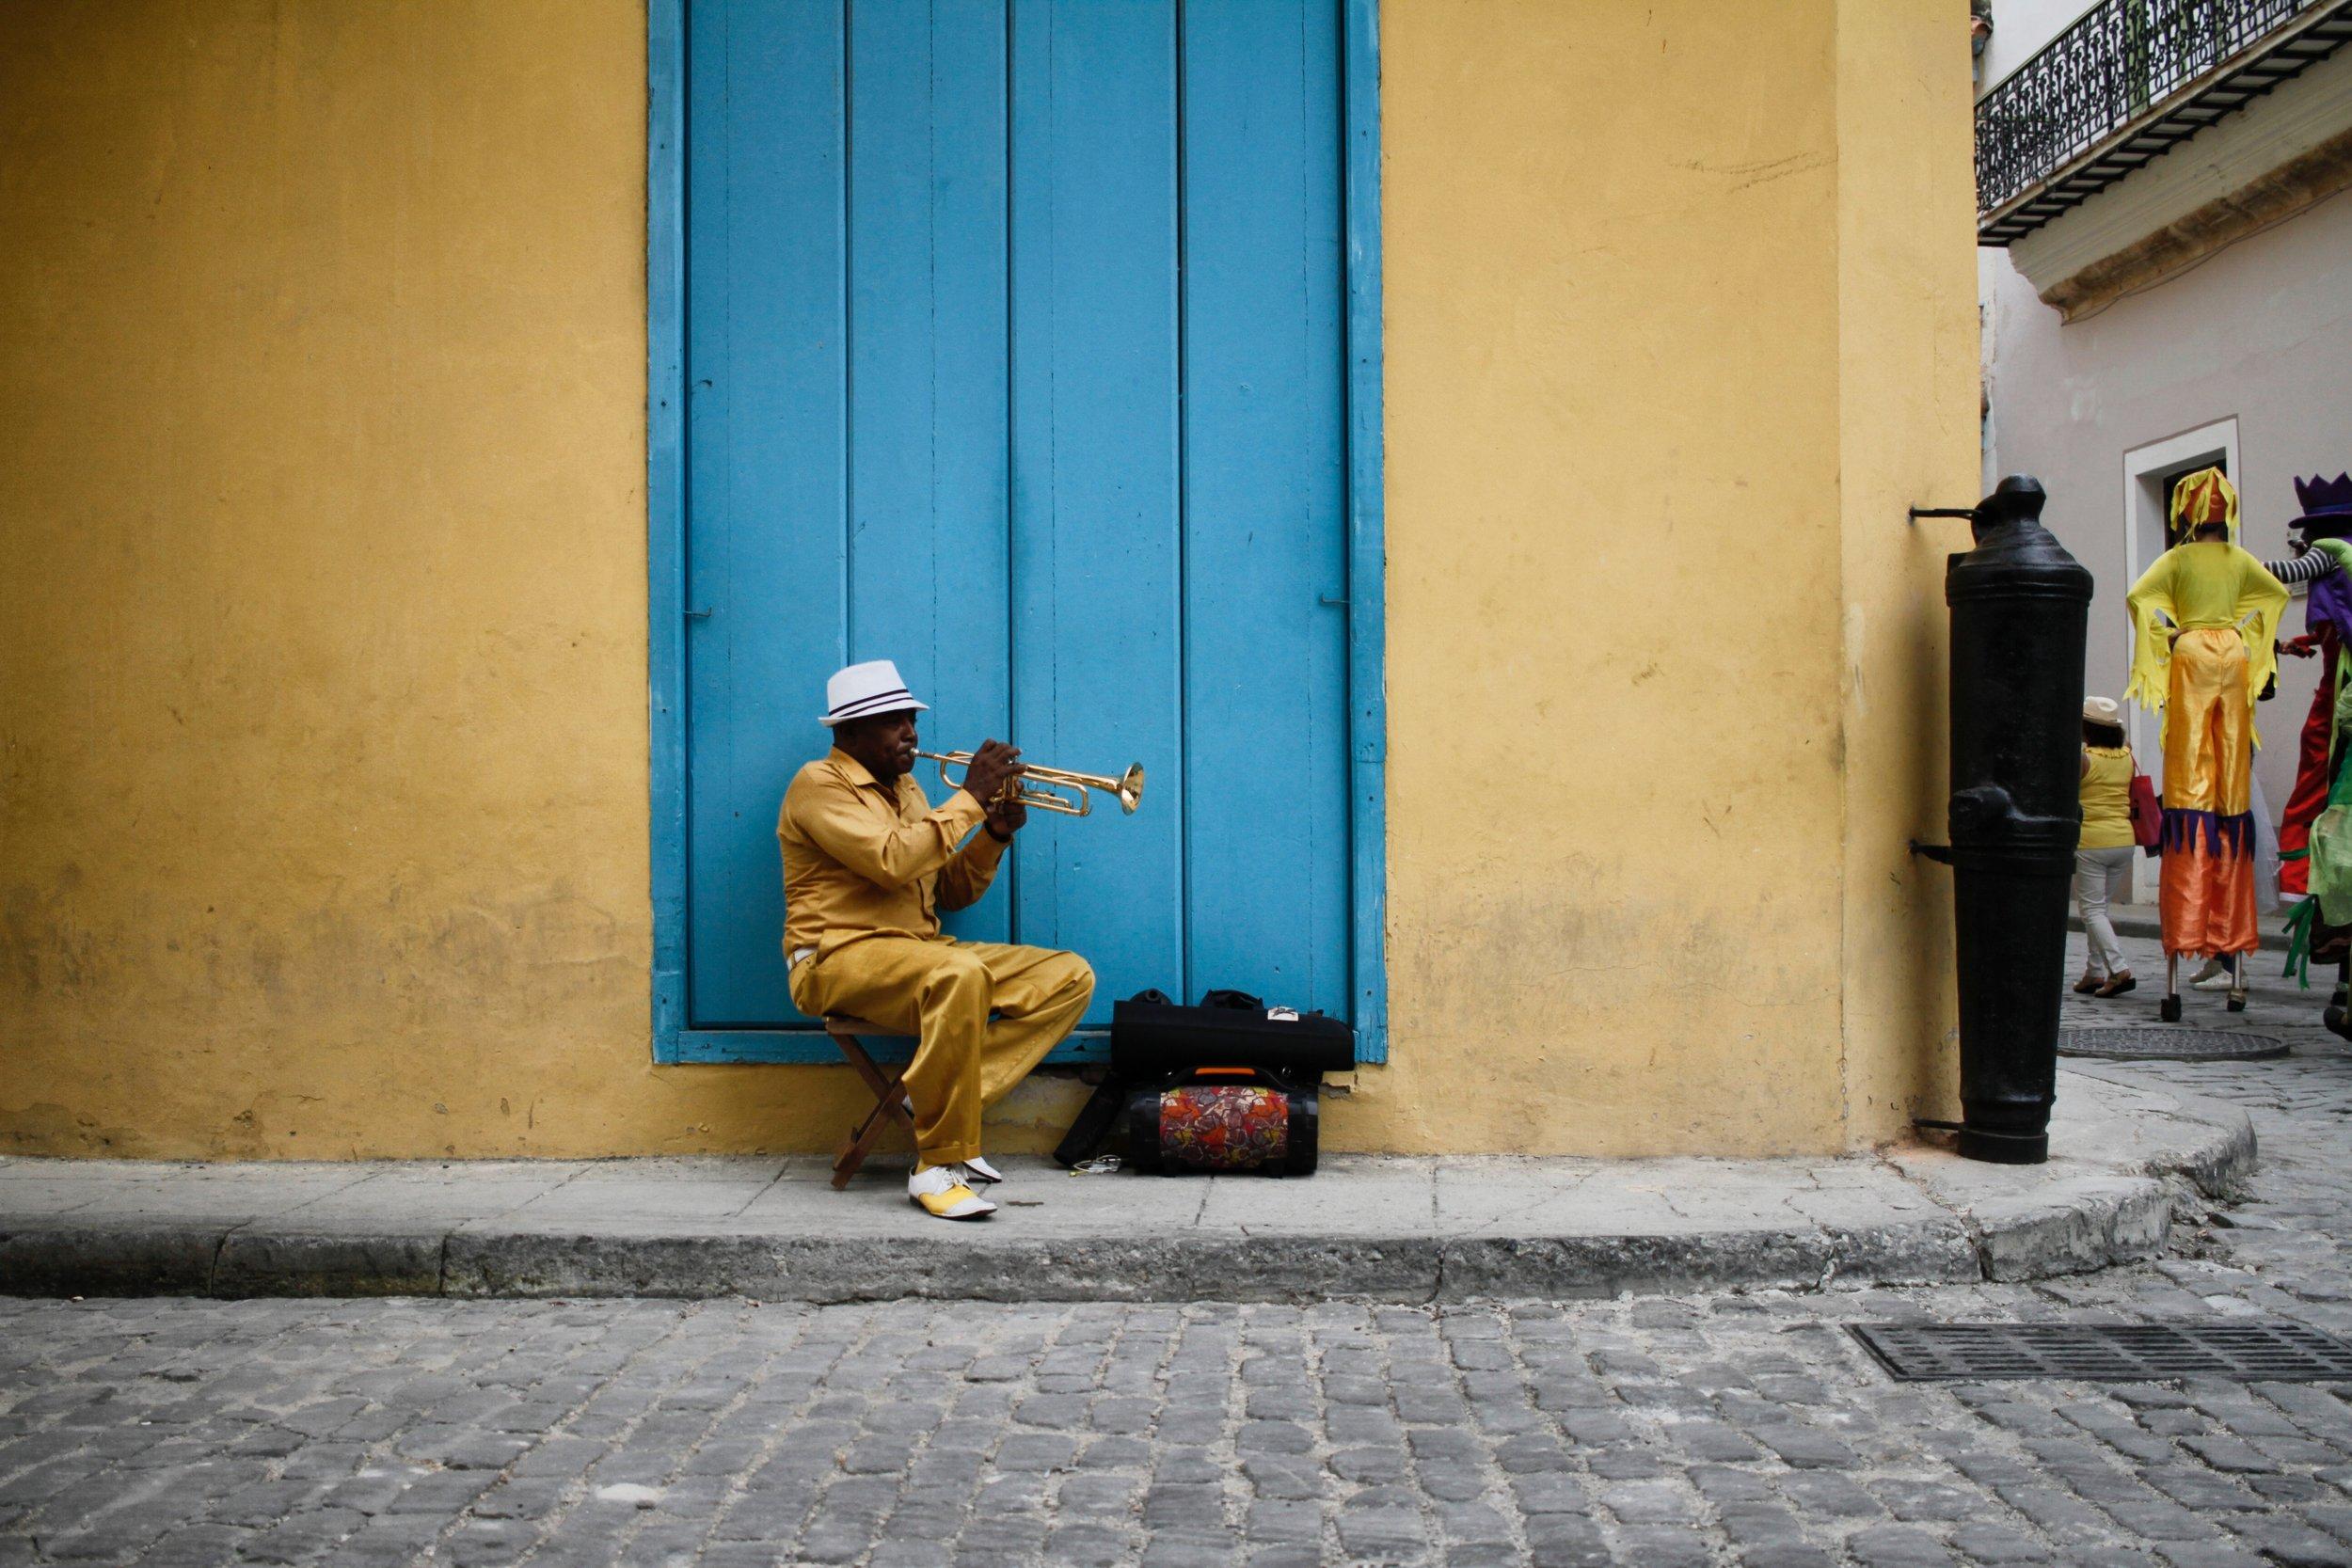 Cuba-trumpet-unsplash.jpg